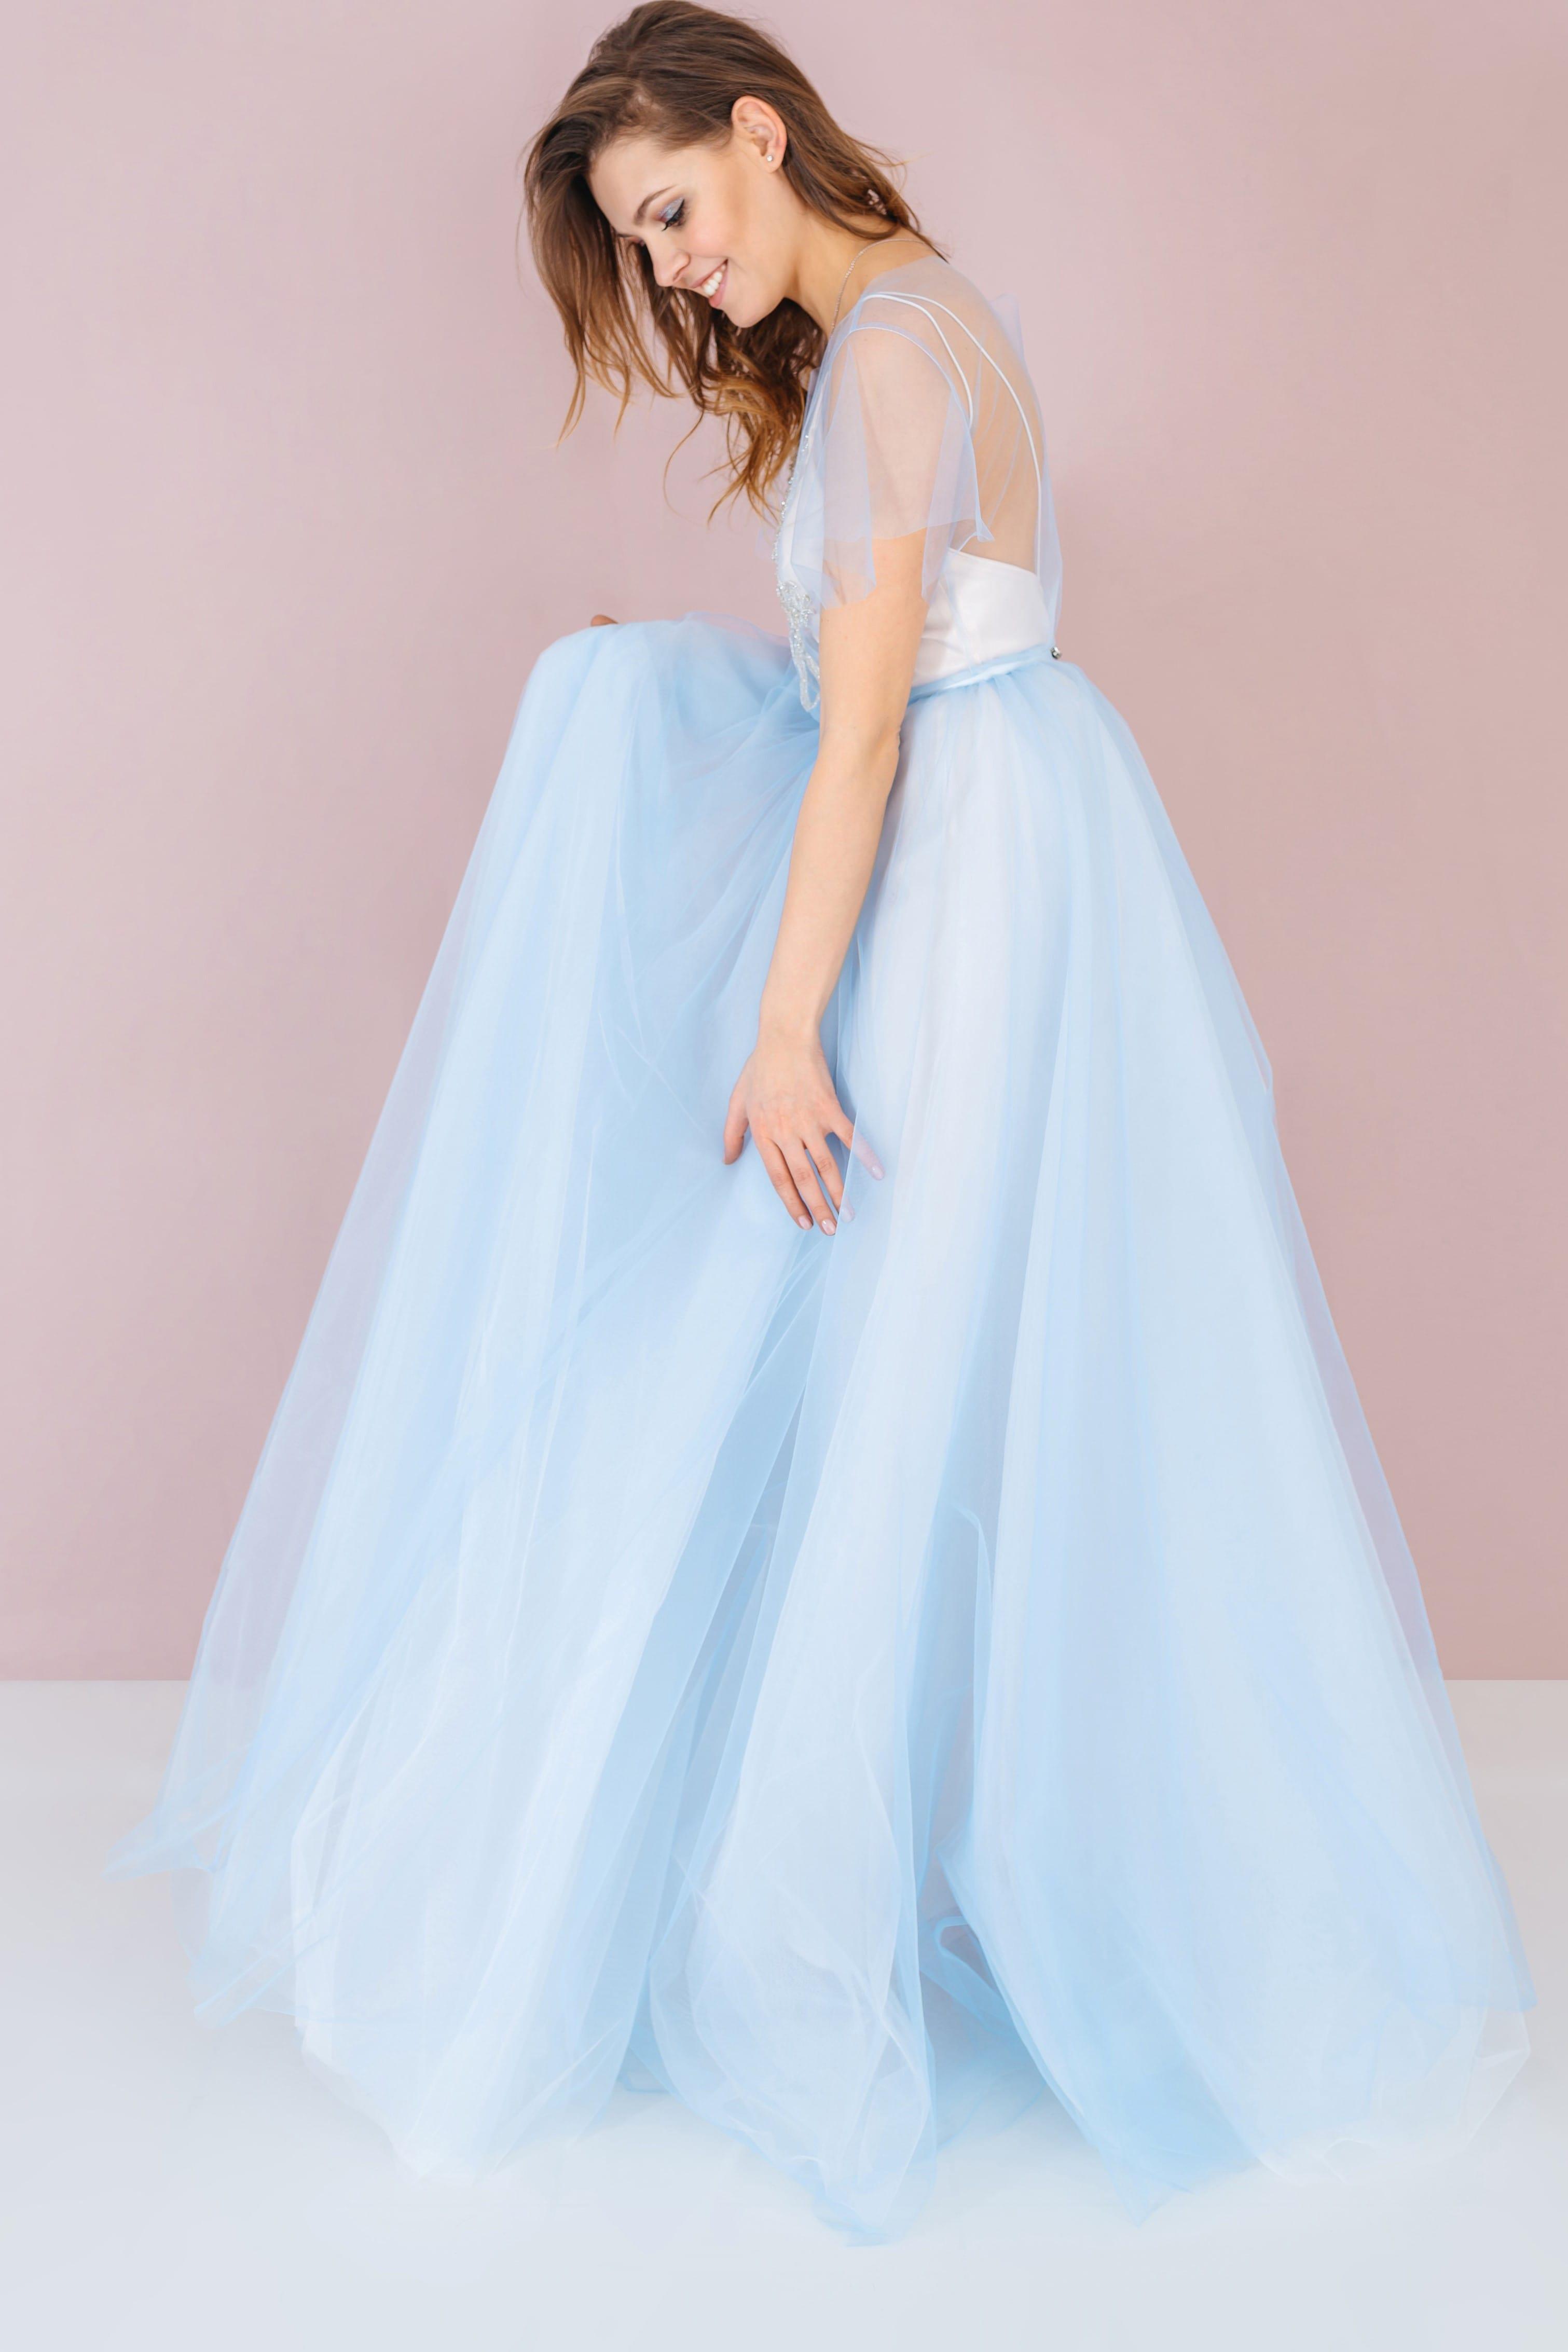 Свадебное платье LINDA, коллекция LOFT, бренд RARE BRIDAL, фото 1